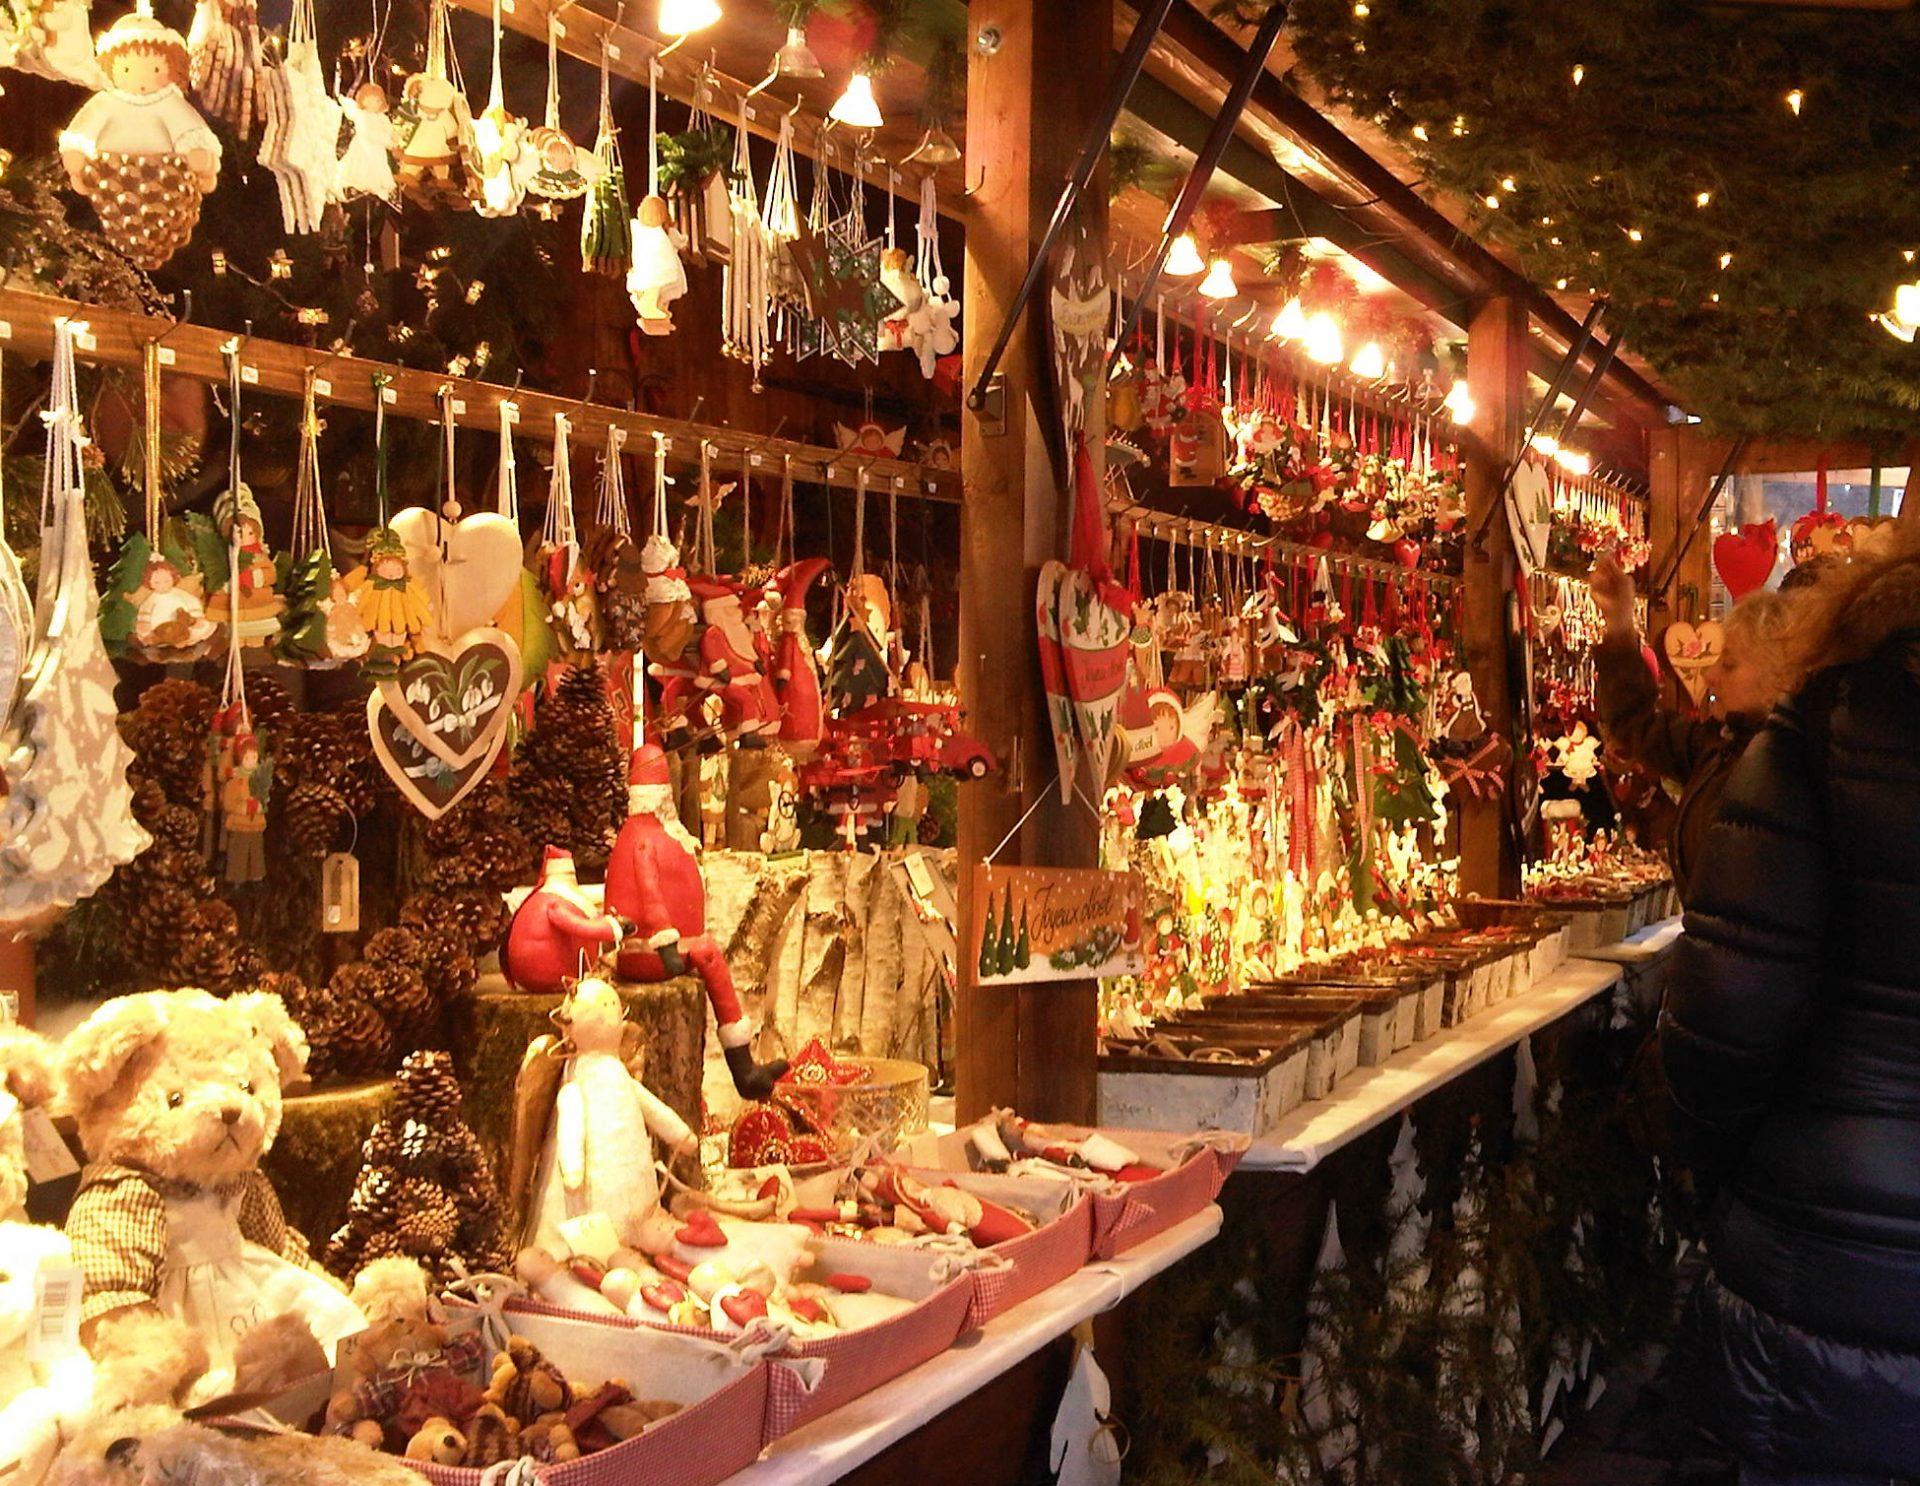 GG mercatino di natale il mercatino degli angeli